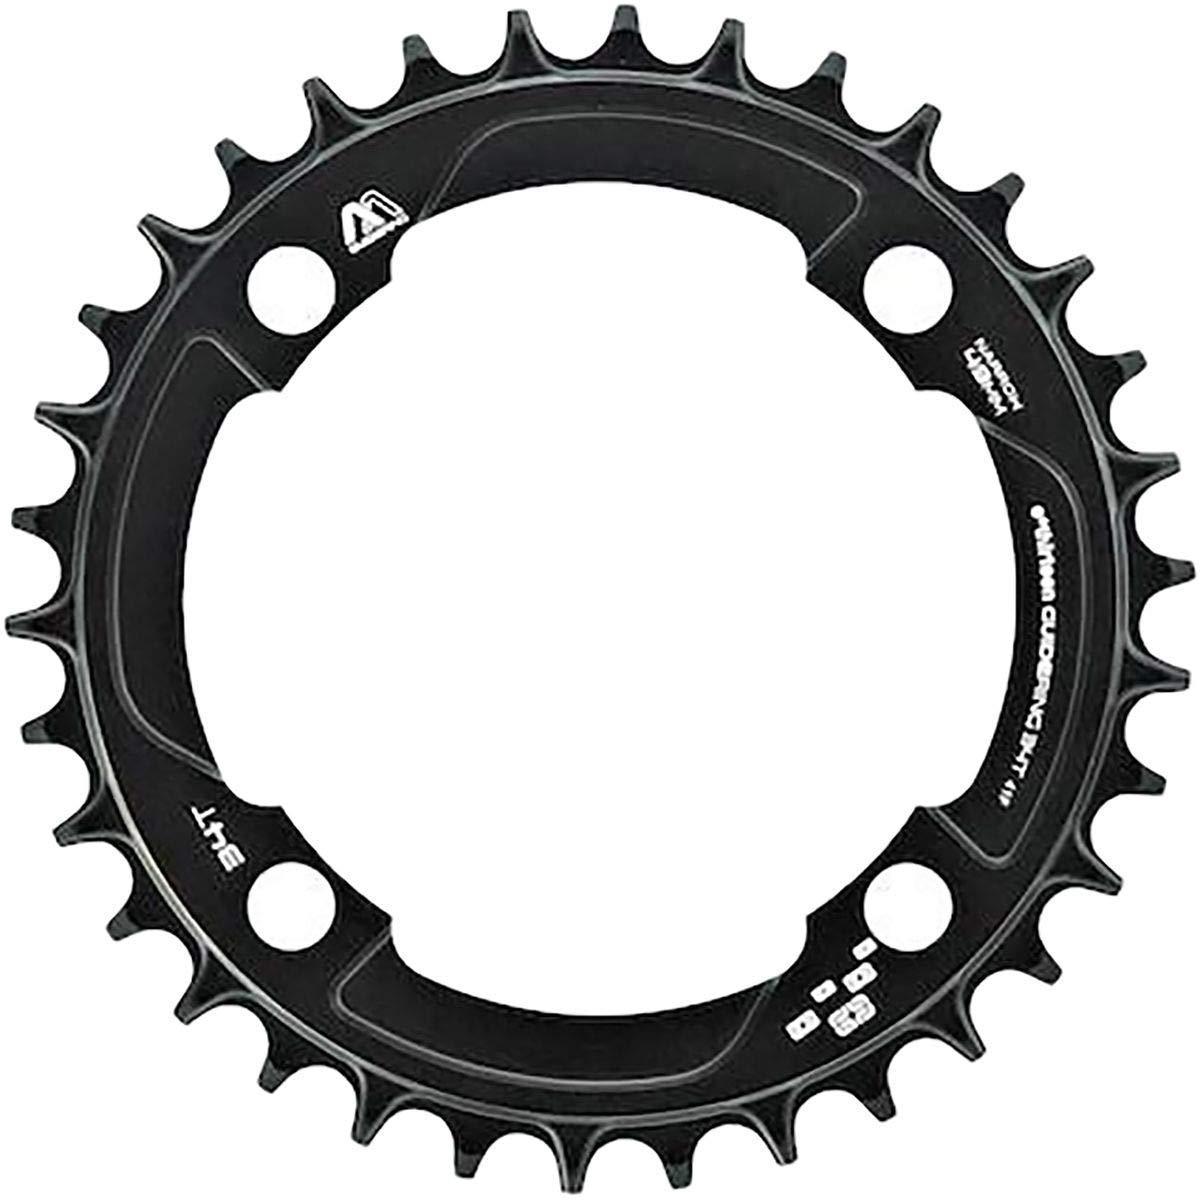 E13 CR. m-104.38 Tablett Fahrrad -